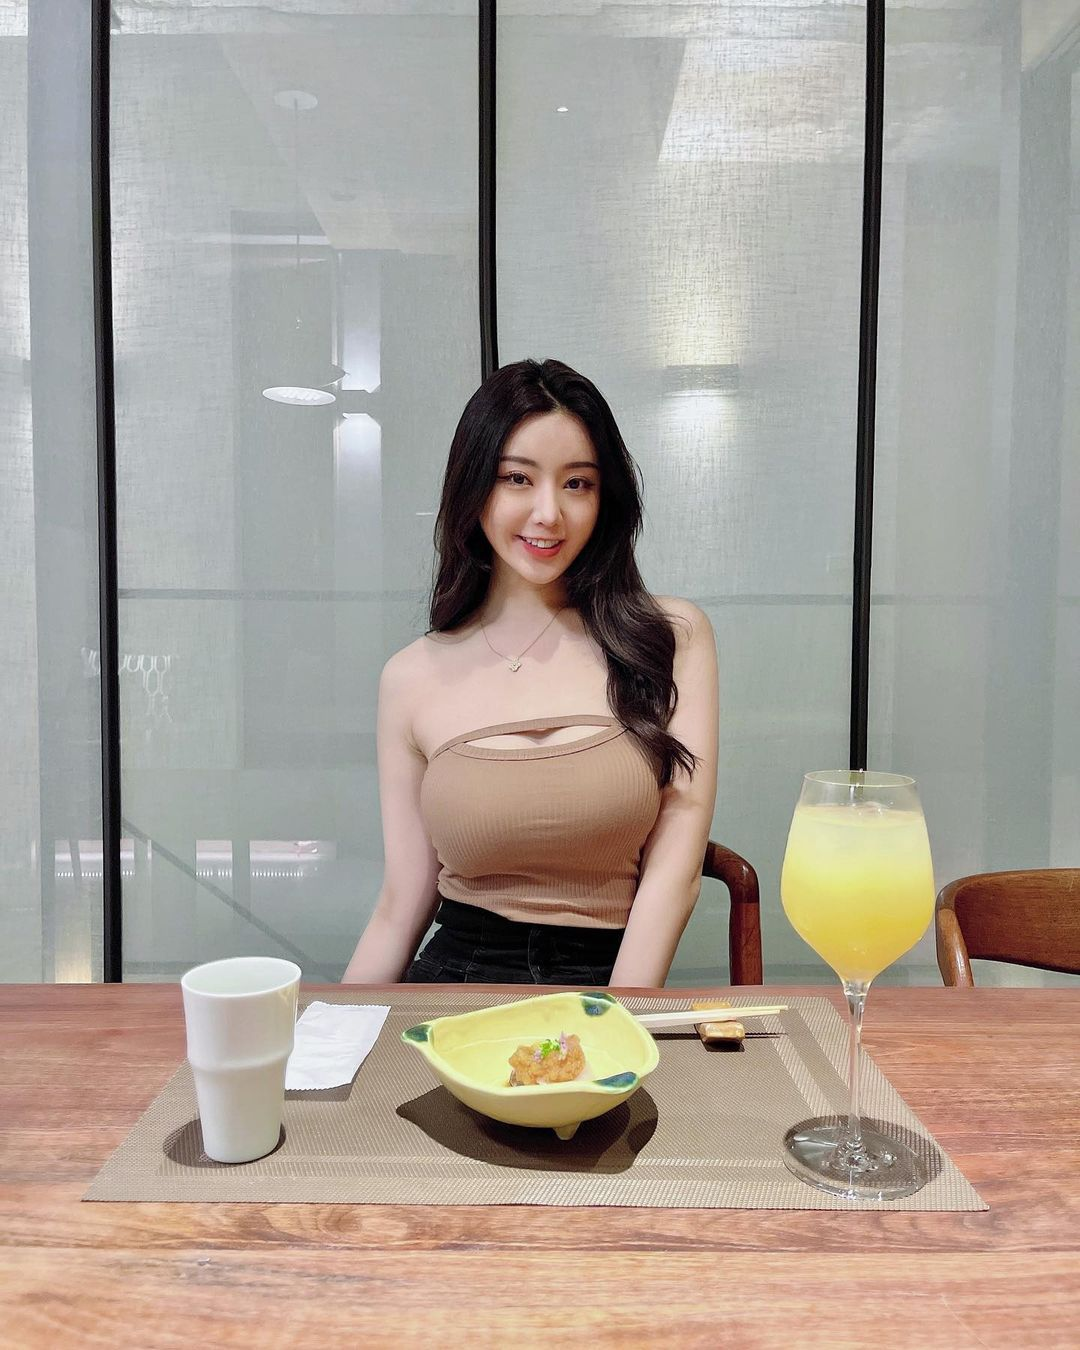 蔡依林演唱会上超火辣「口罩妹」怪美der~